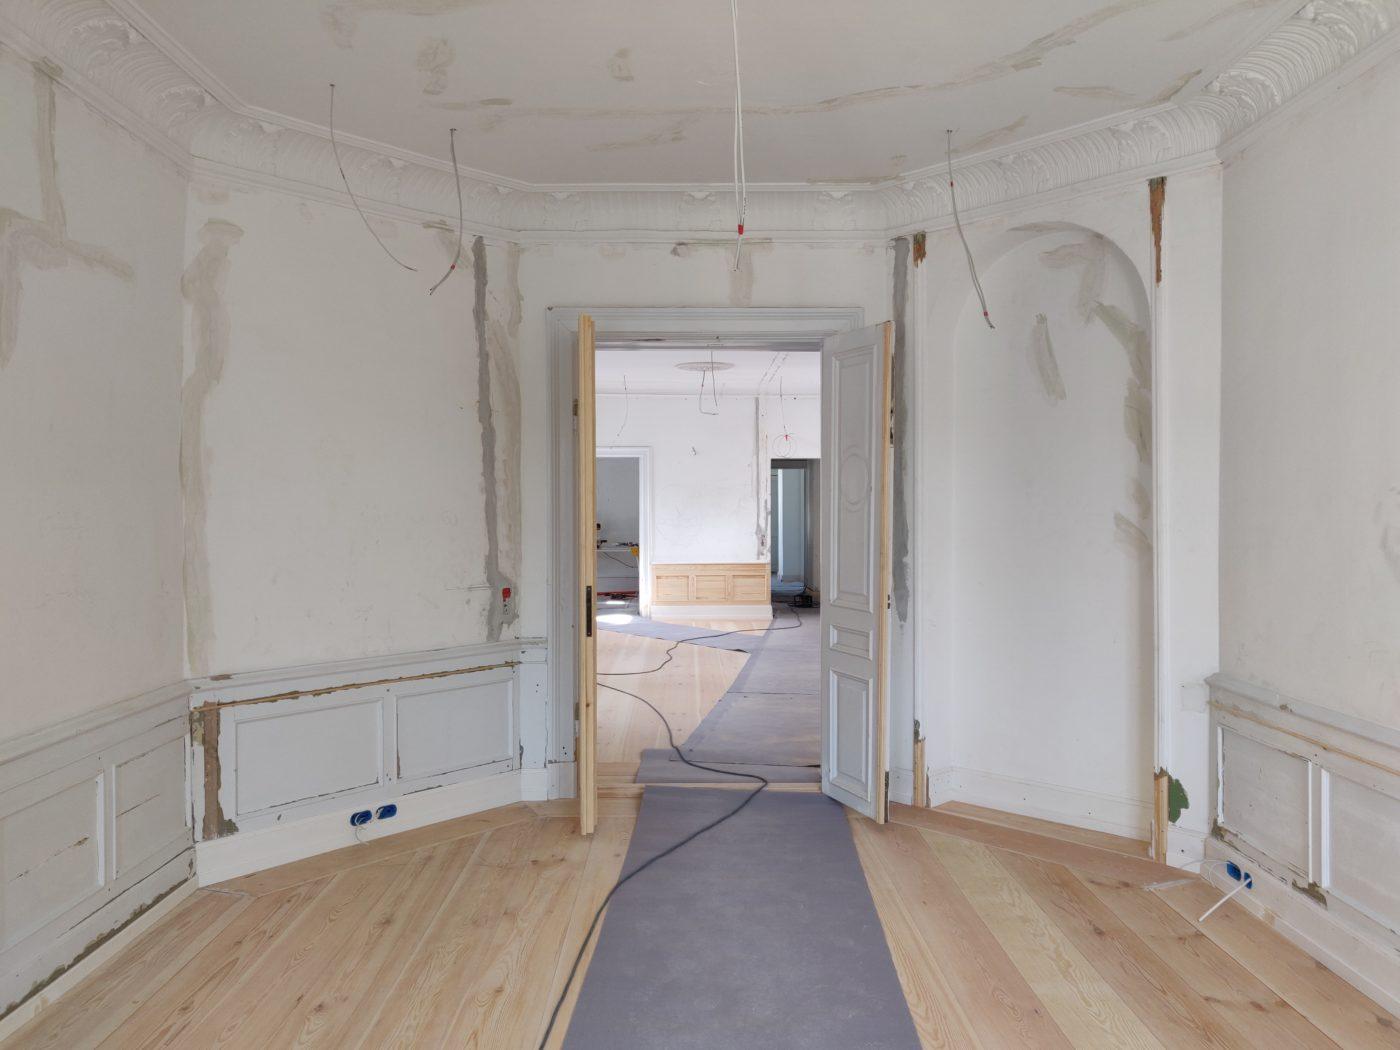 Frederiksgade 11 interiør under restaurering Elgaard Architecture